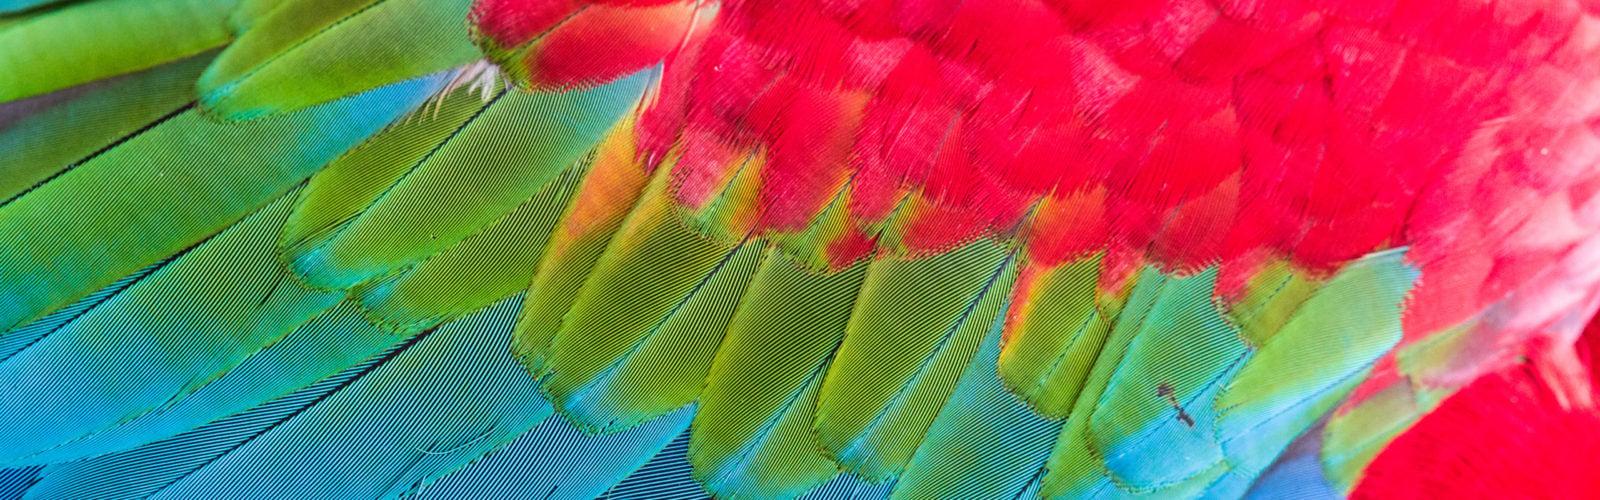 pantanal-bird-feathers